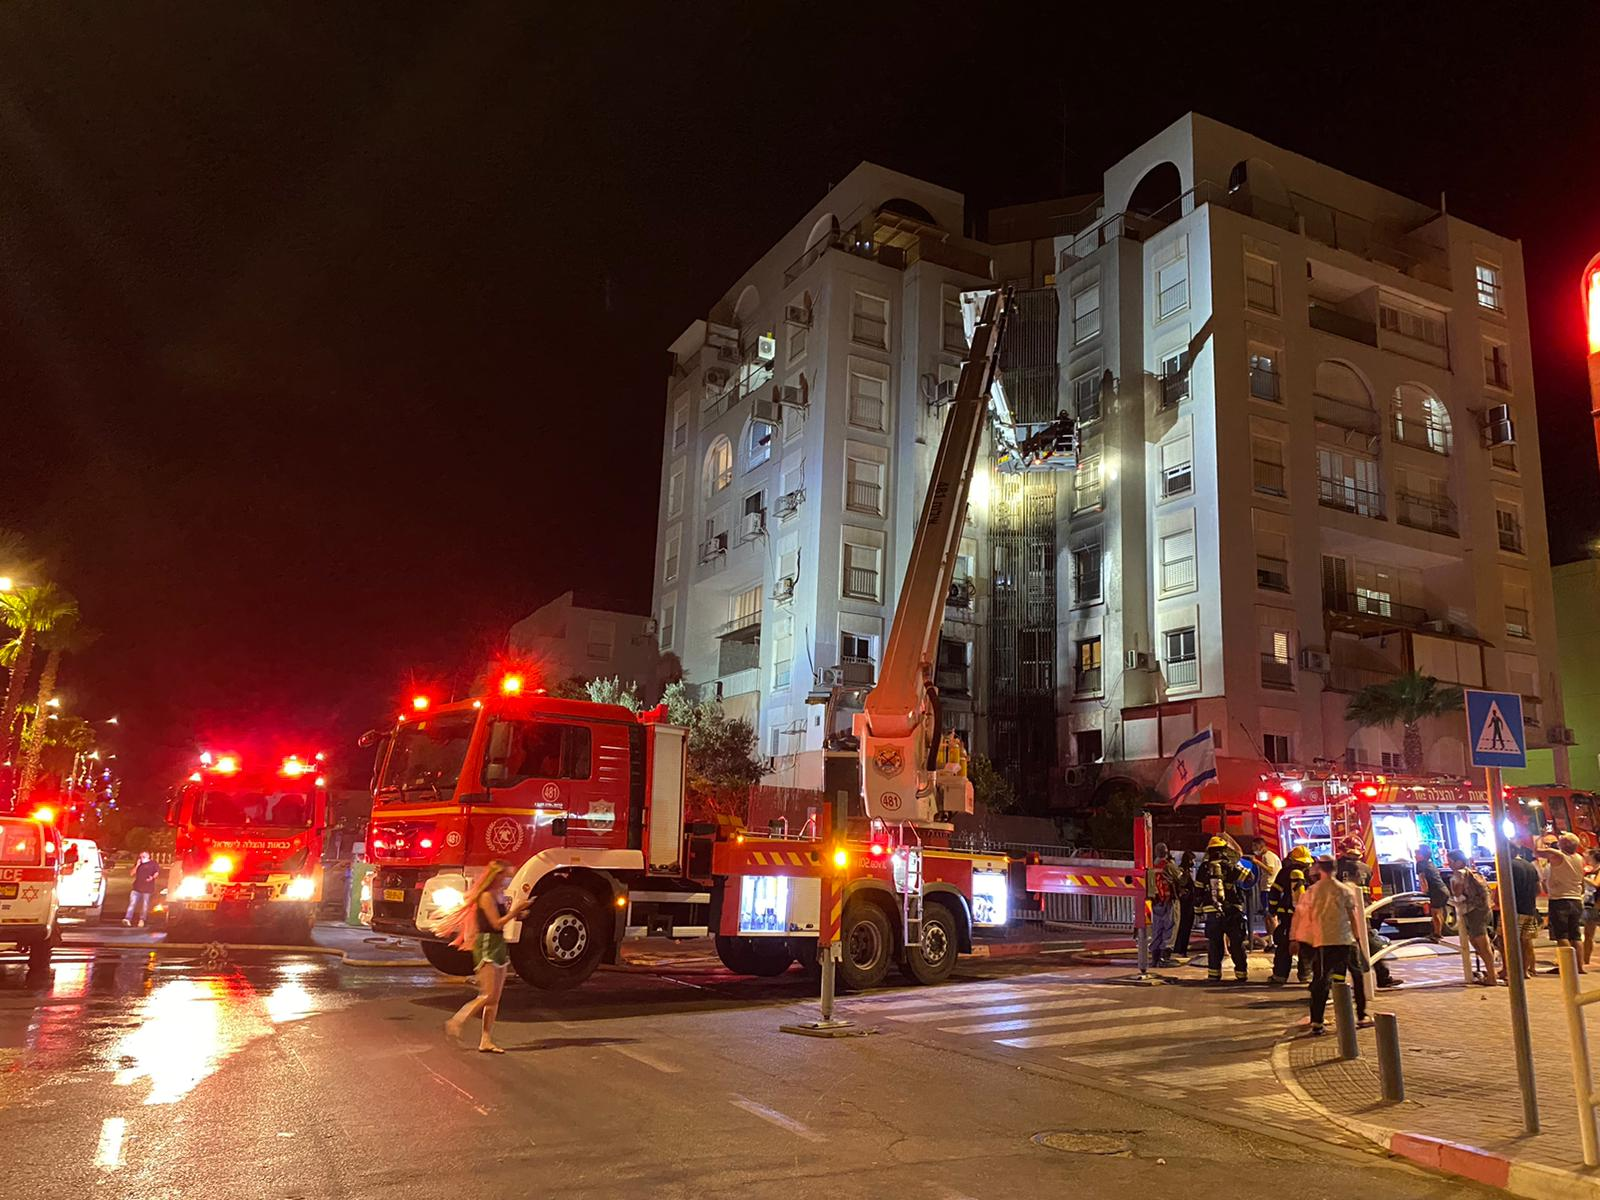 לוחמי האש הצילו מהשרפה את בעלי החיים